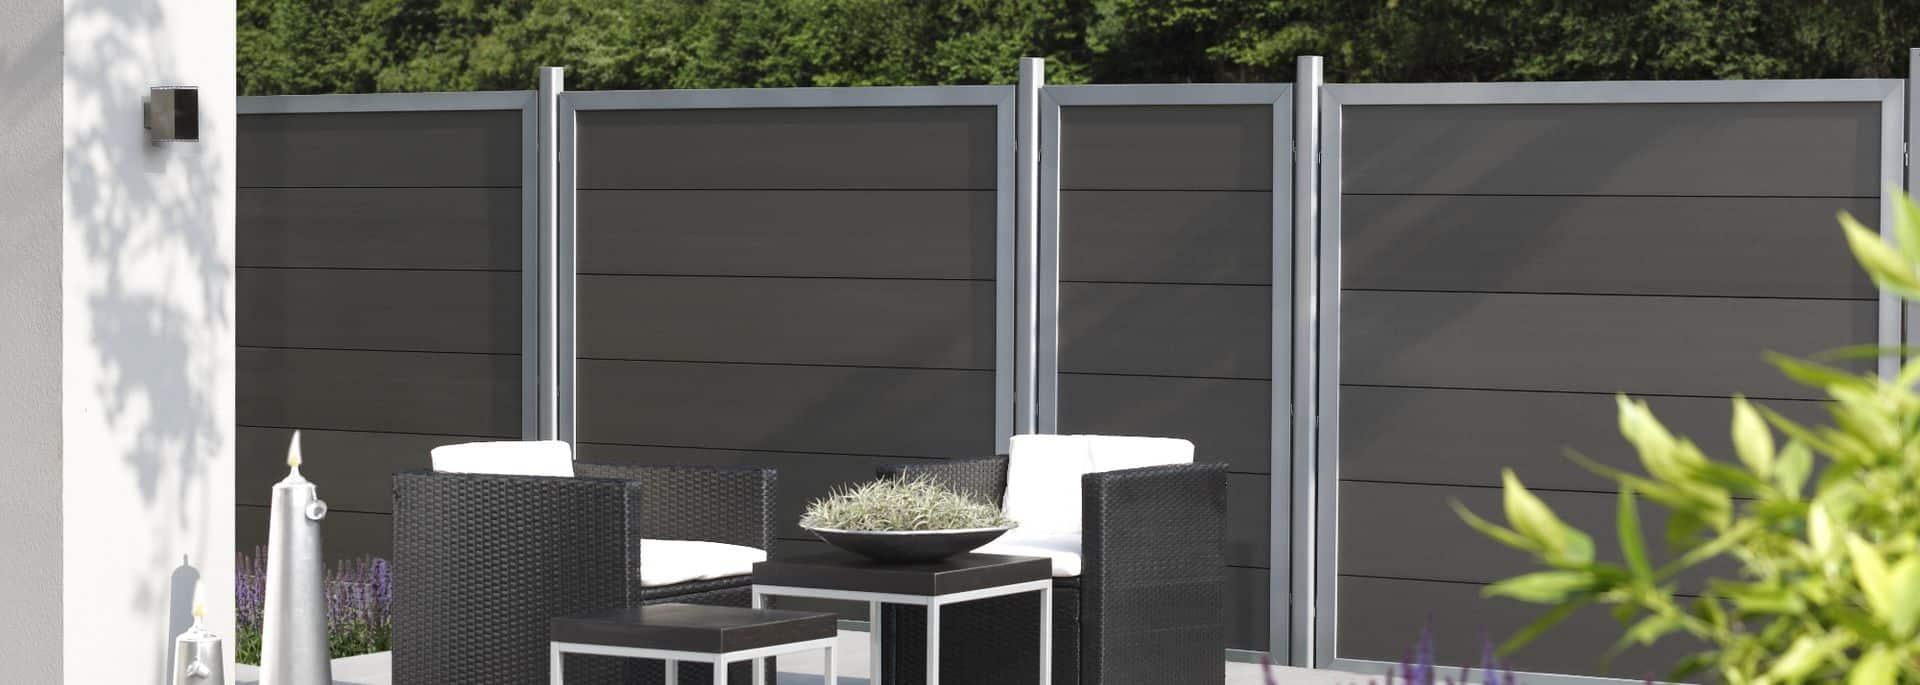 1 Design Sichtschutz Wpc Farbe Anthrazit Holz Im Garten Kunststoff Sichtblende Brugmann Rogowski Holzhandlung